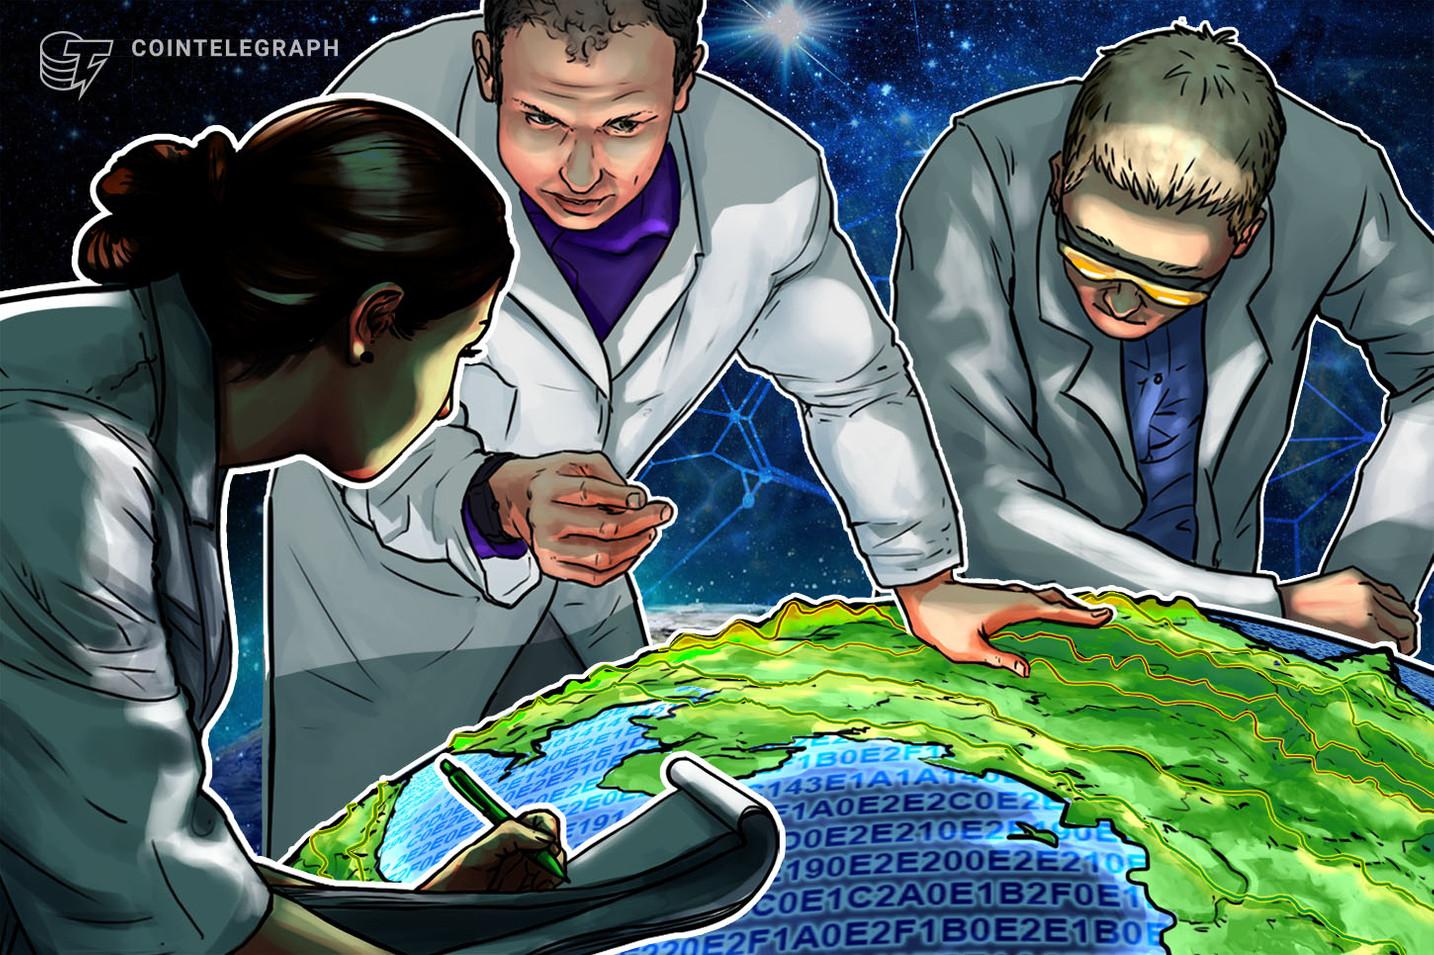 Bitcoin supera los USD 9,300 mientras que el mercado de valores de EE. UU. experimenta una leve caída